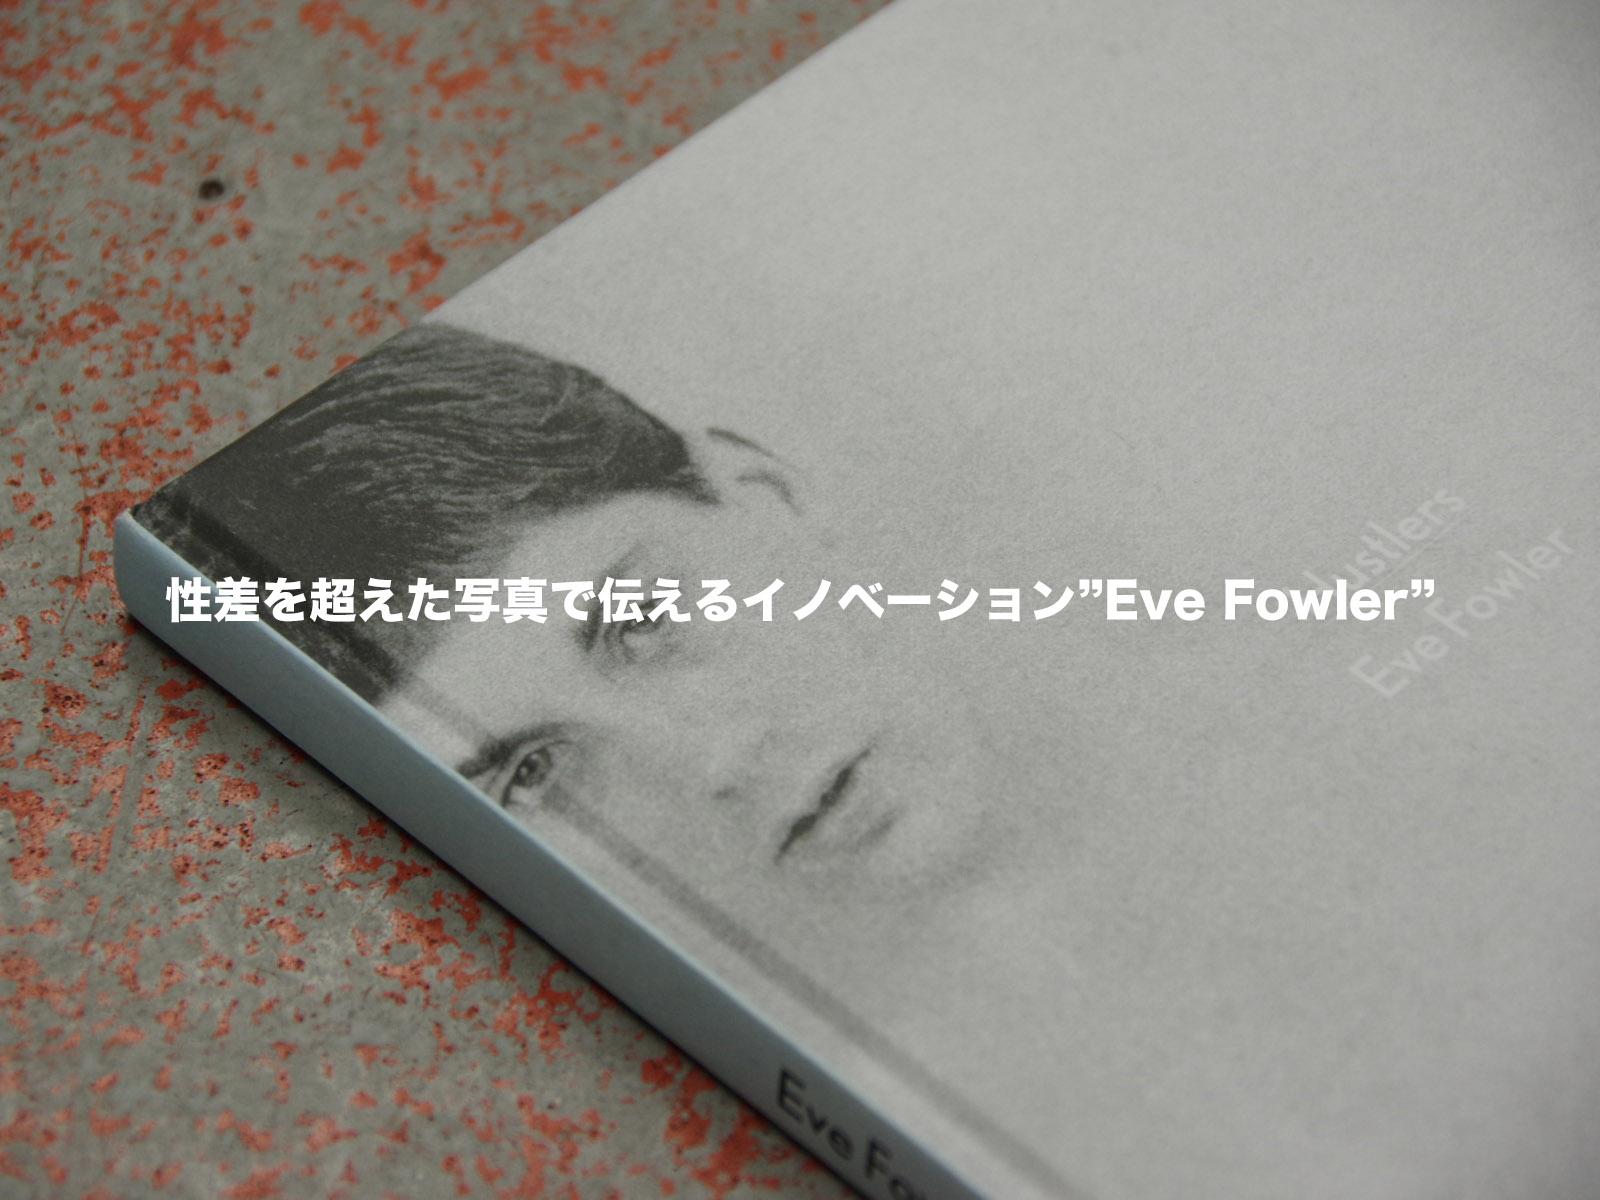 性差を超えた写真で伝えるイノベーション Eve Fowler